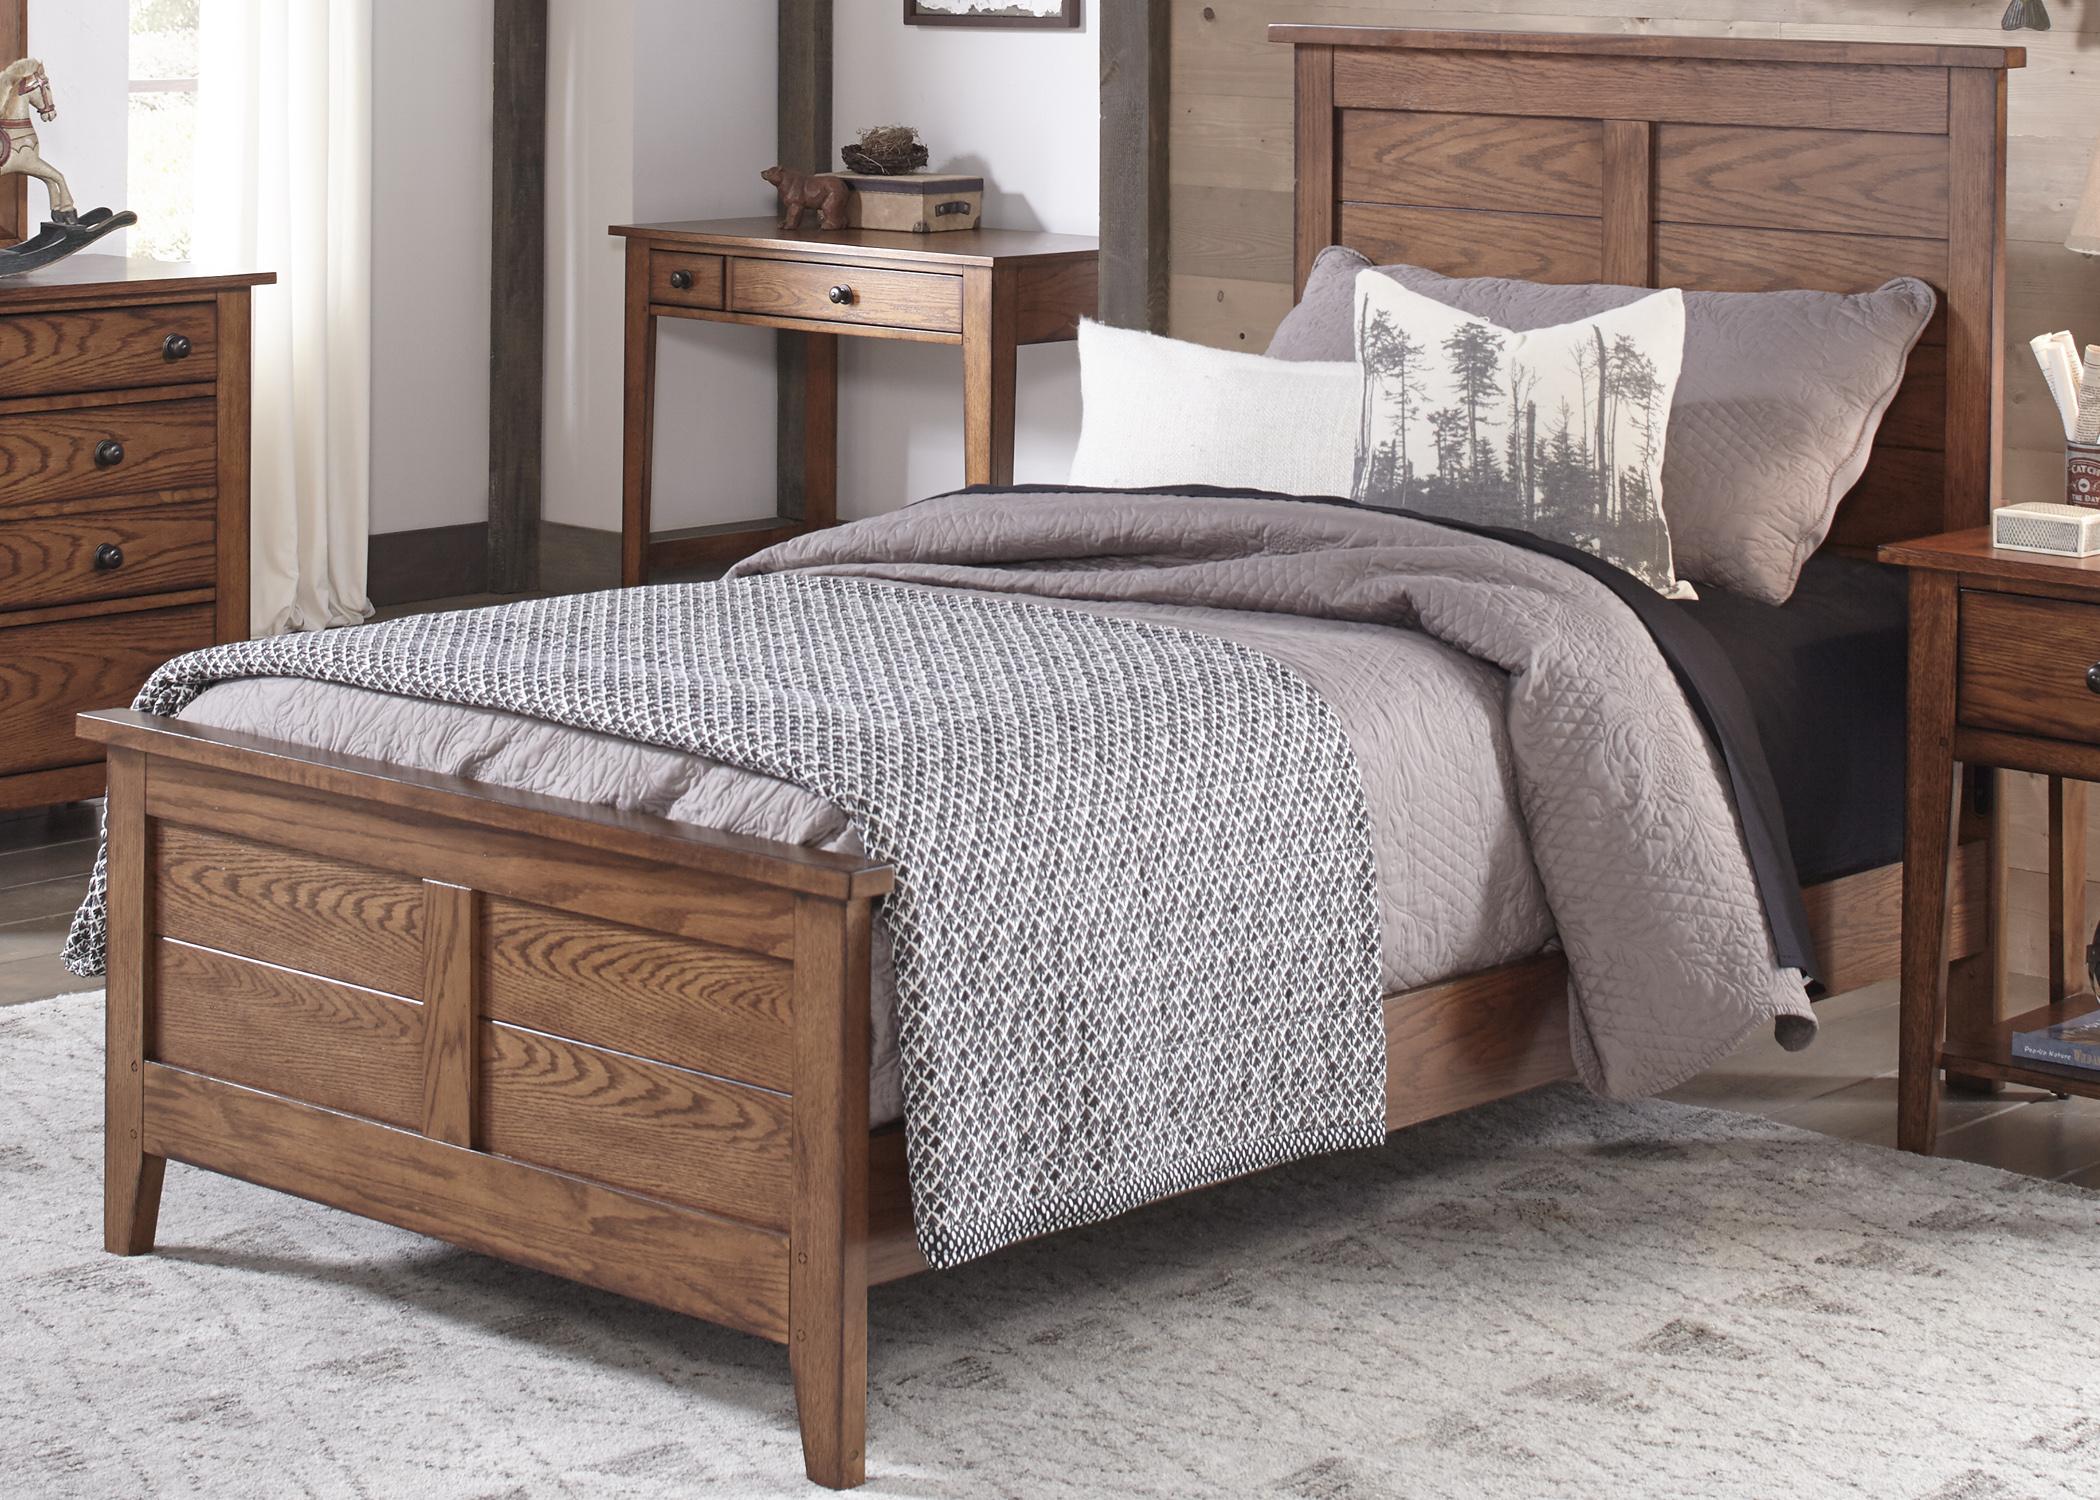 Liberty Furniture Grandpa's Cabin Twin Panel Bed  - Item Number: 175-YBR-TPB